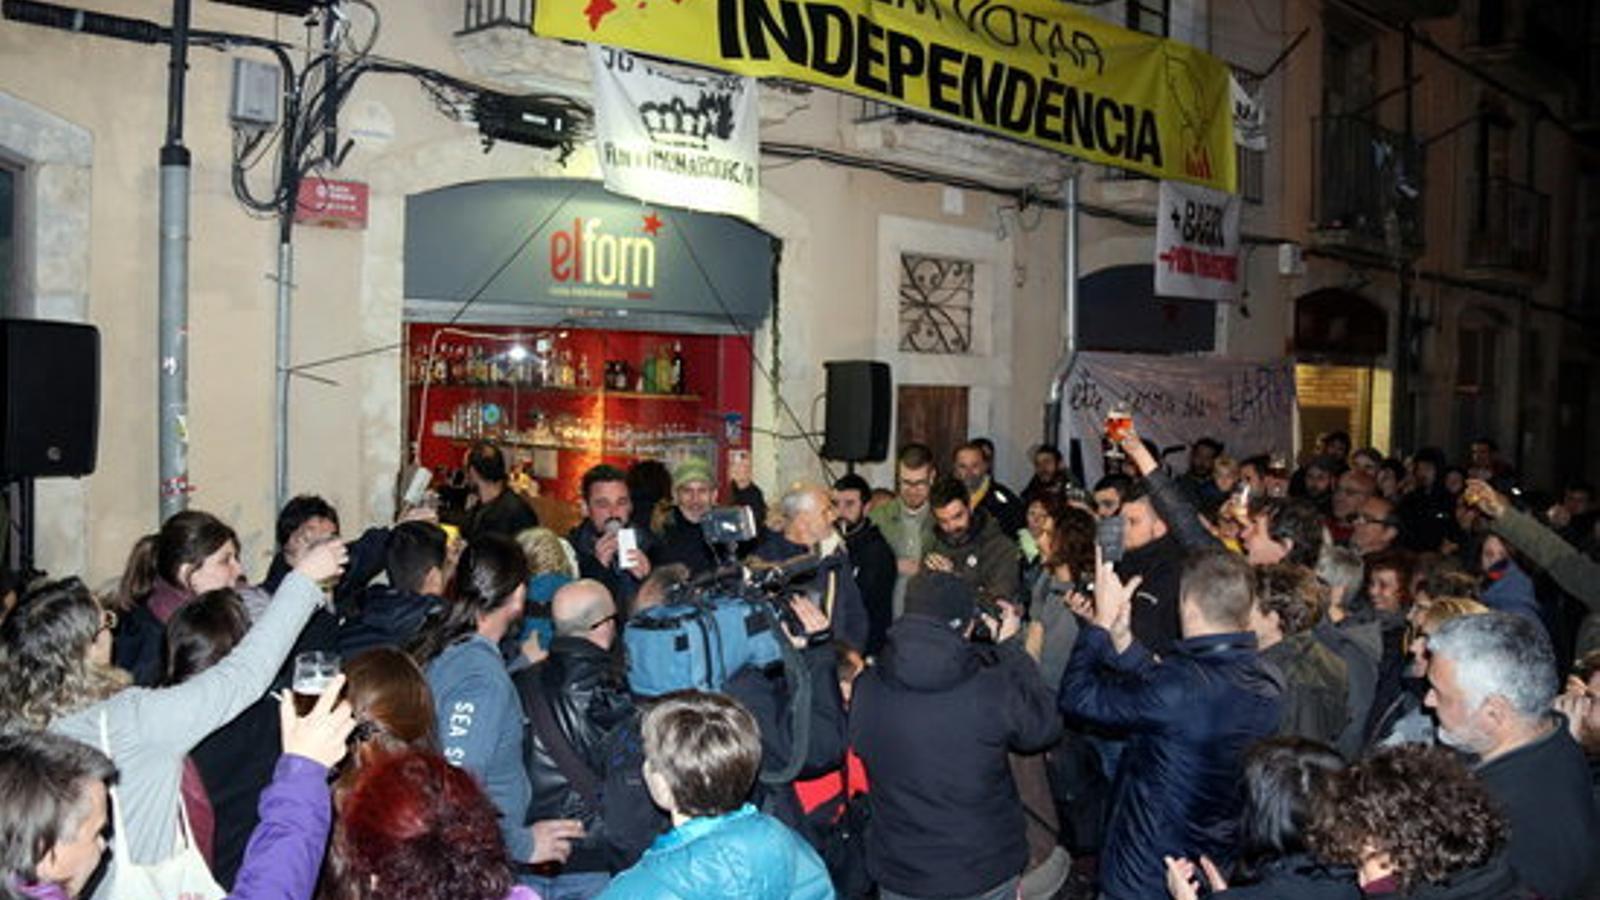 Els manifestants que han celebrat la sentència del TEDH a Girona